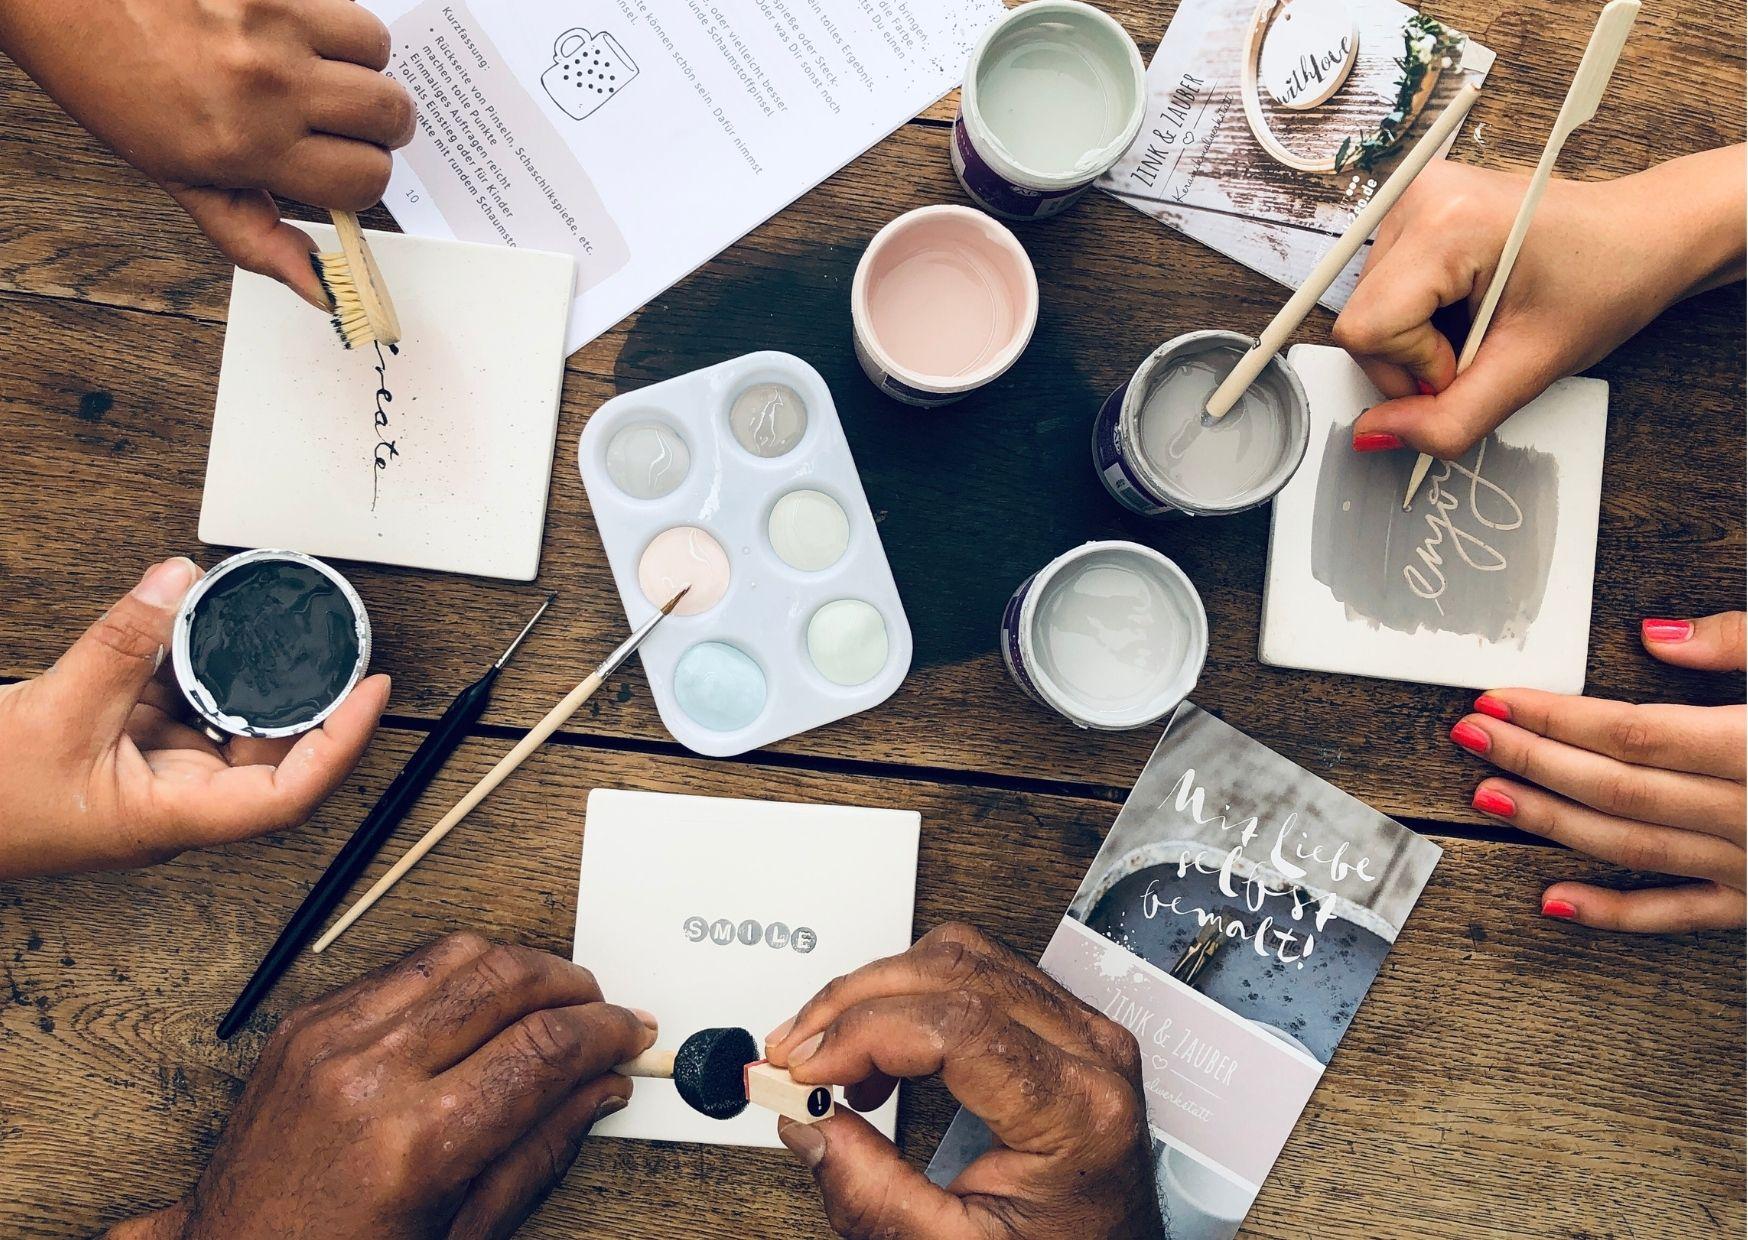 Gemeinsam zuhause Keramik bemalen mit dem Koffer2go